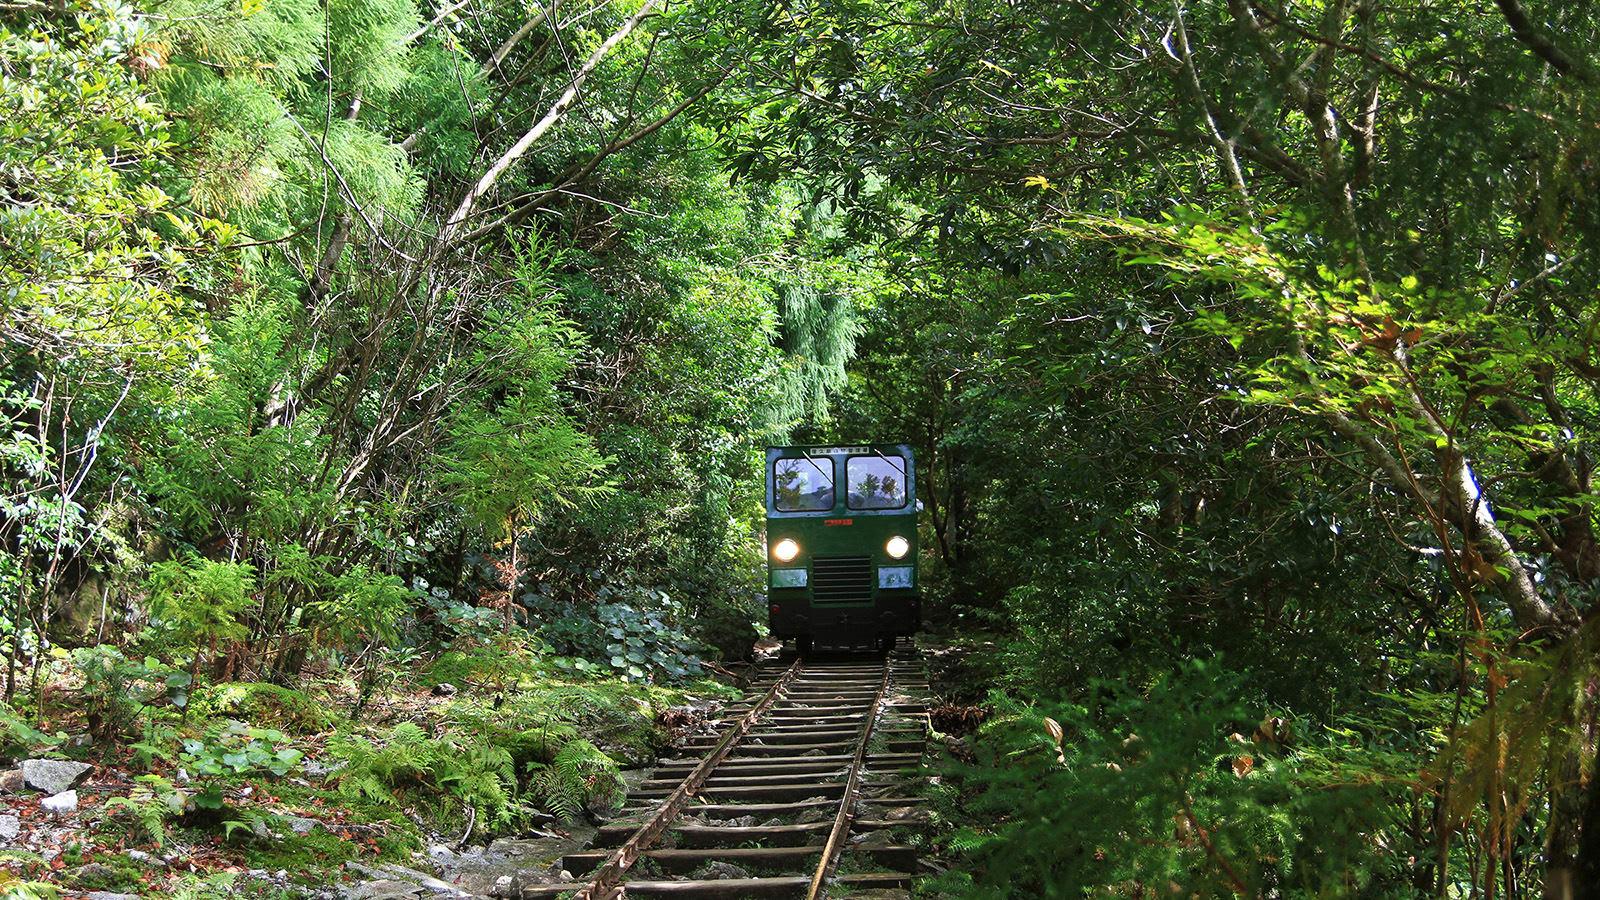 du lịch yakushima - tàu trong rừng